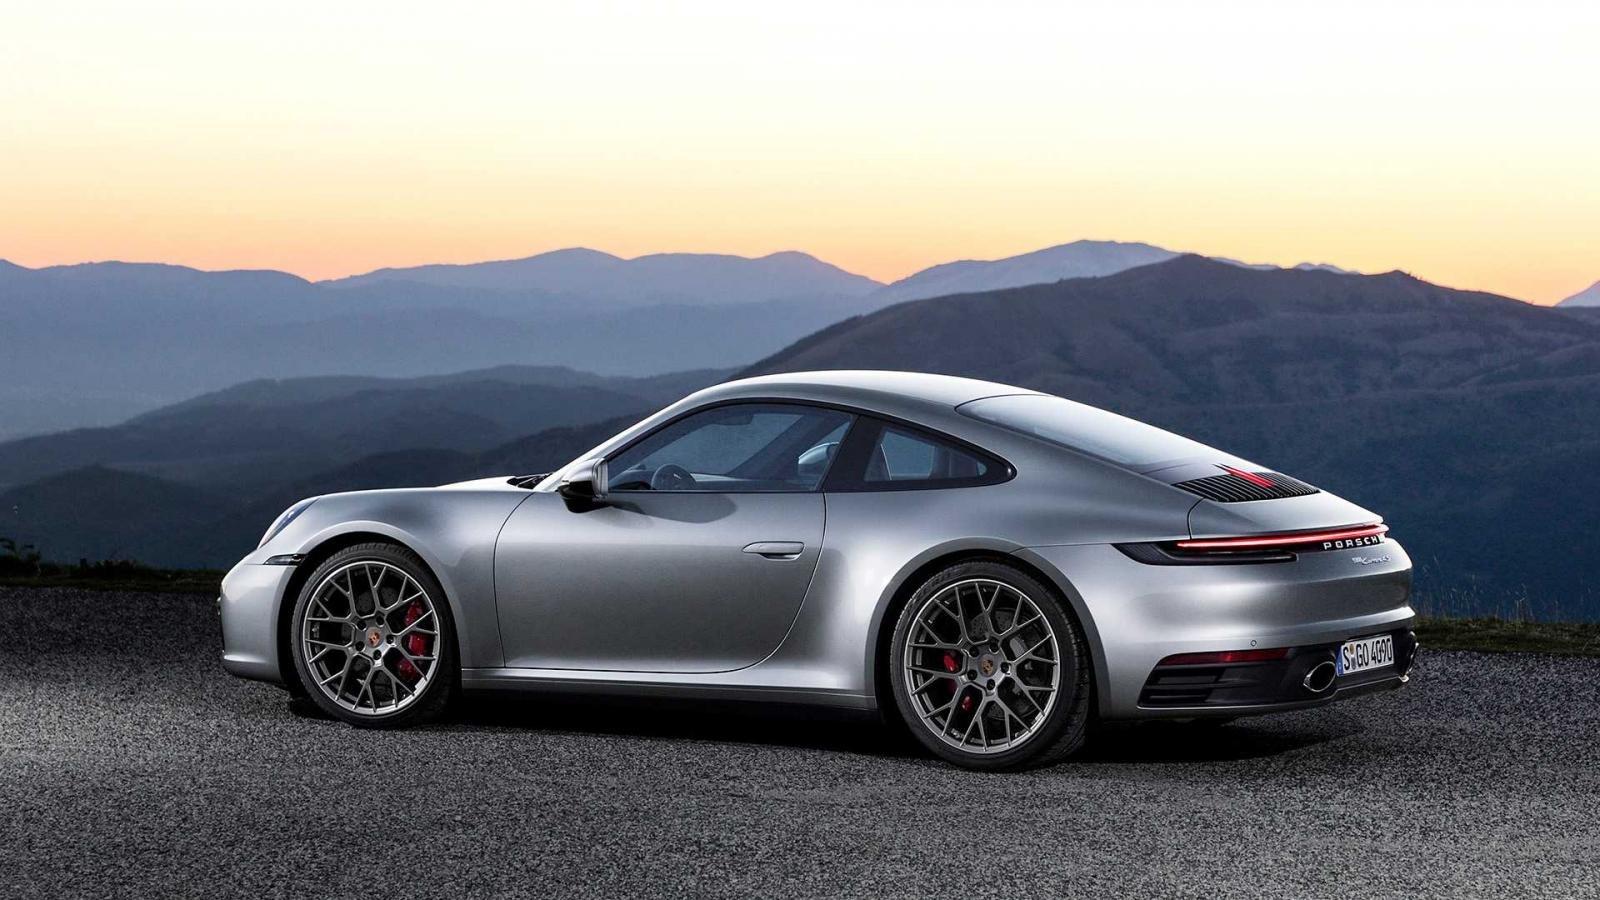 Porsche 911 thế hệ mới cải tiến những gì? a2